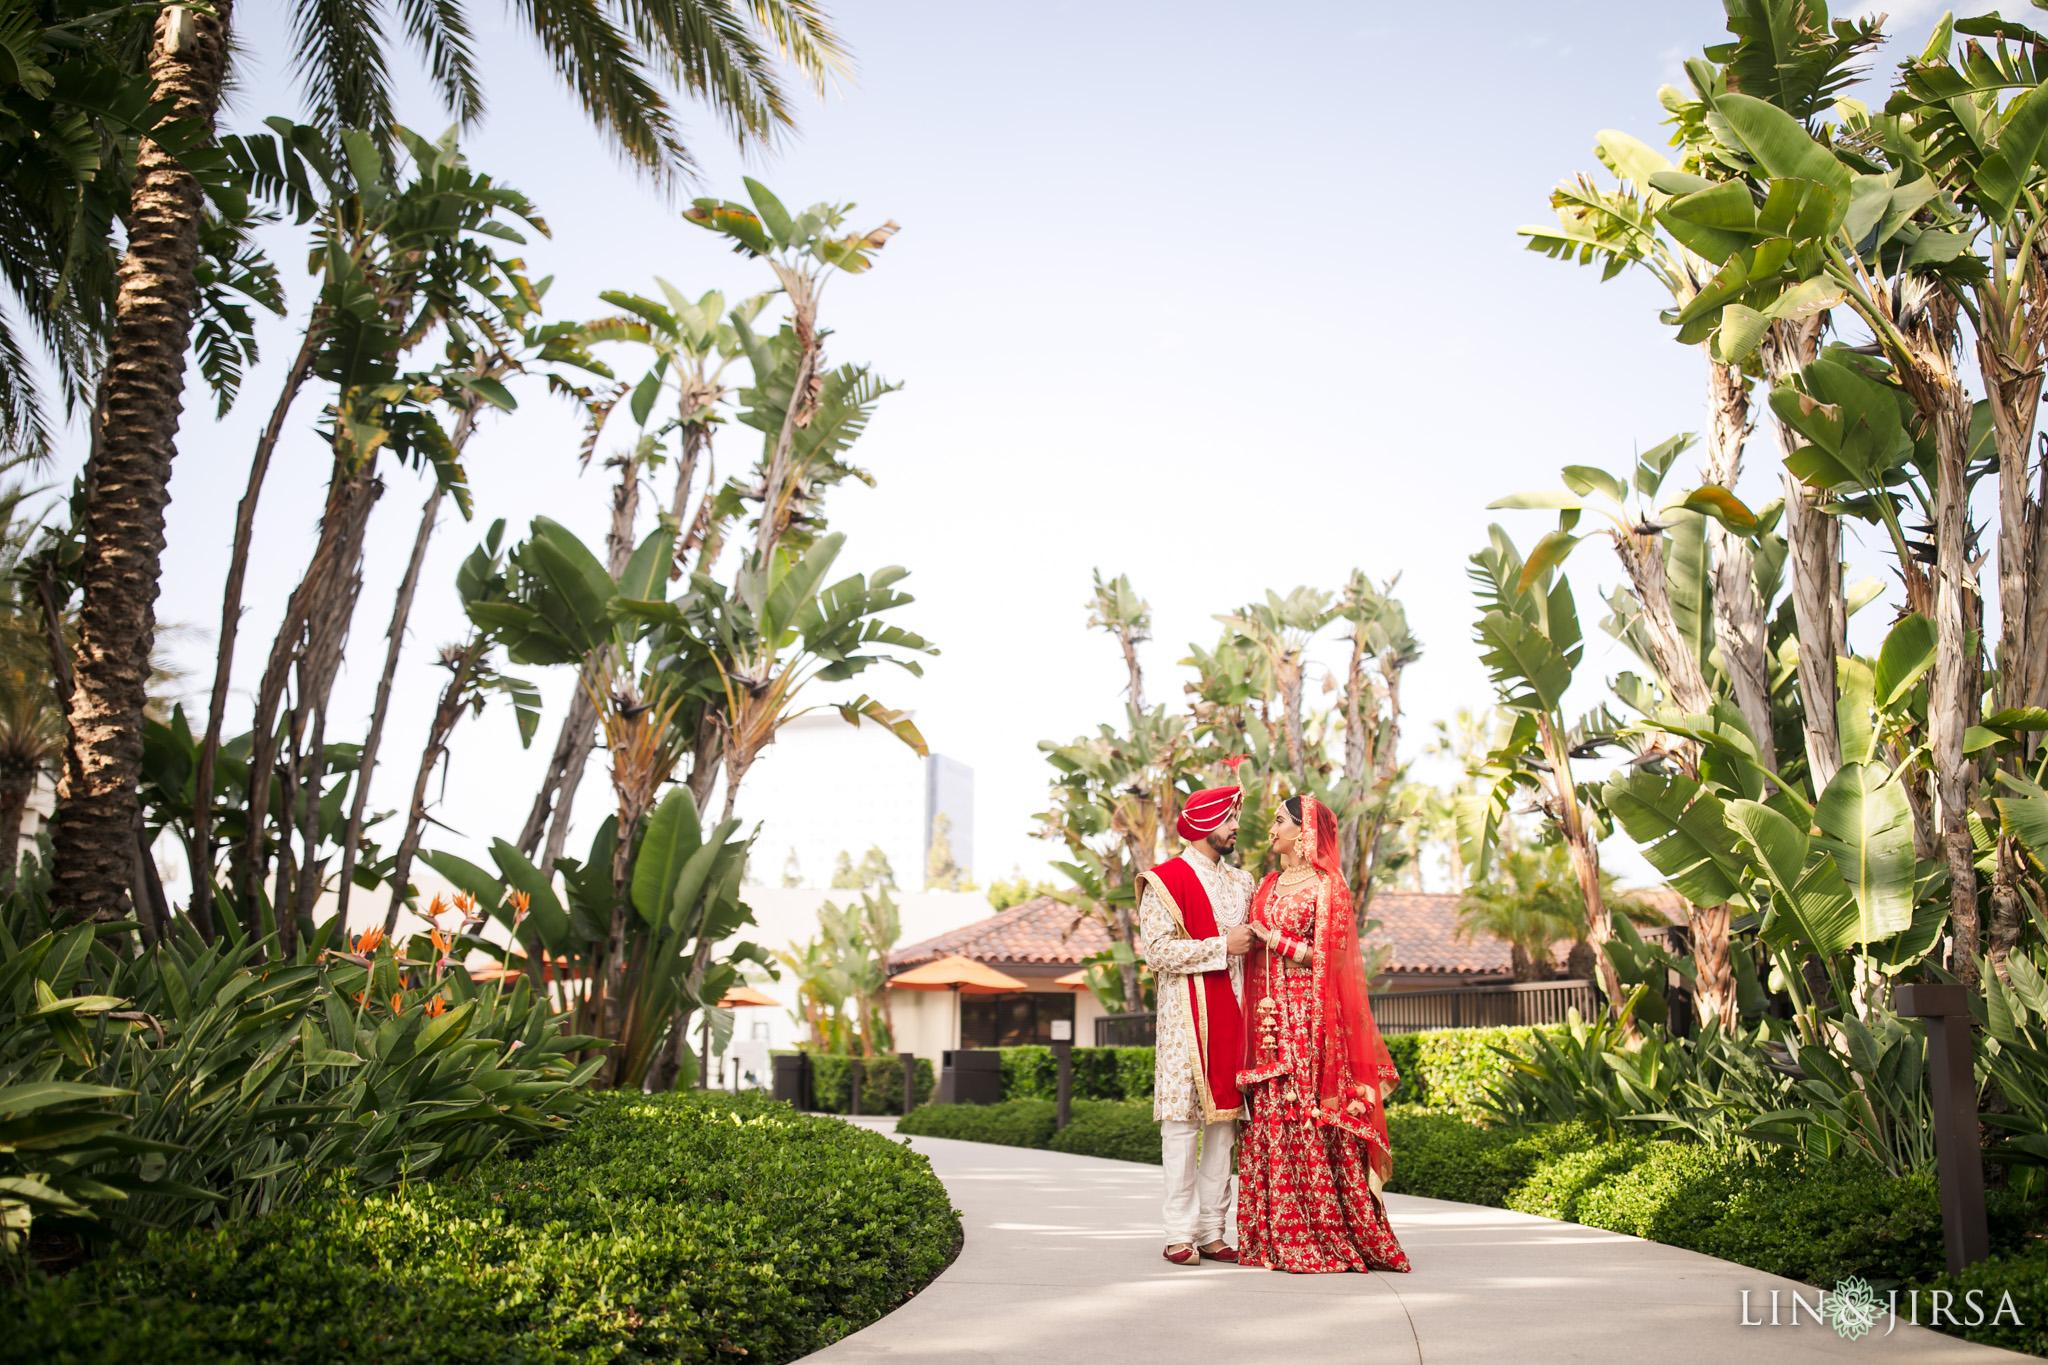 11 Hotel Irvine Punjabi Hindu Indian Wedding Photography